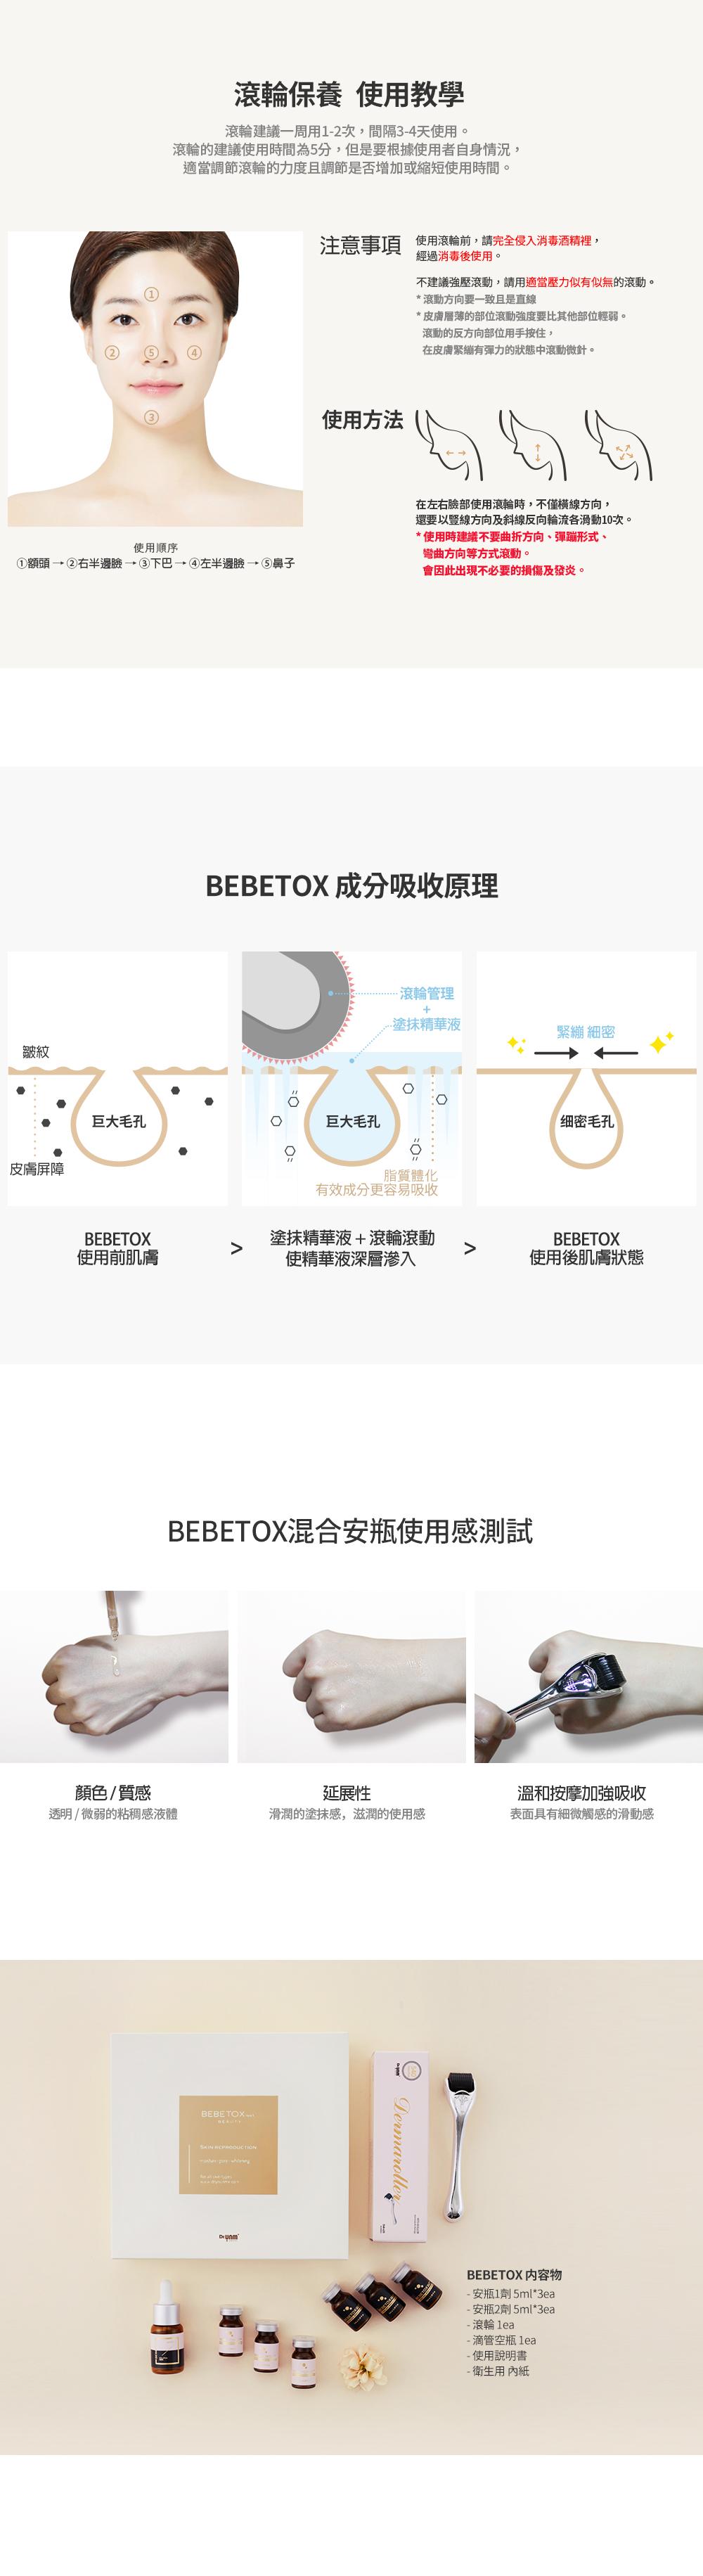 BEBETOX後面_01.jpg